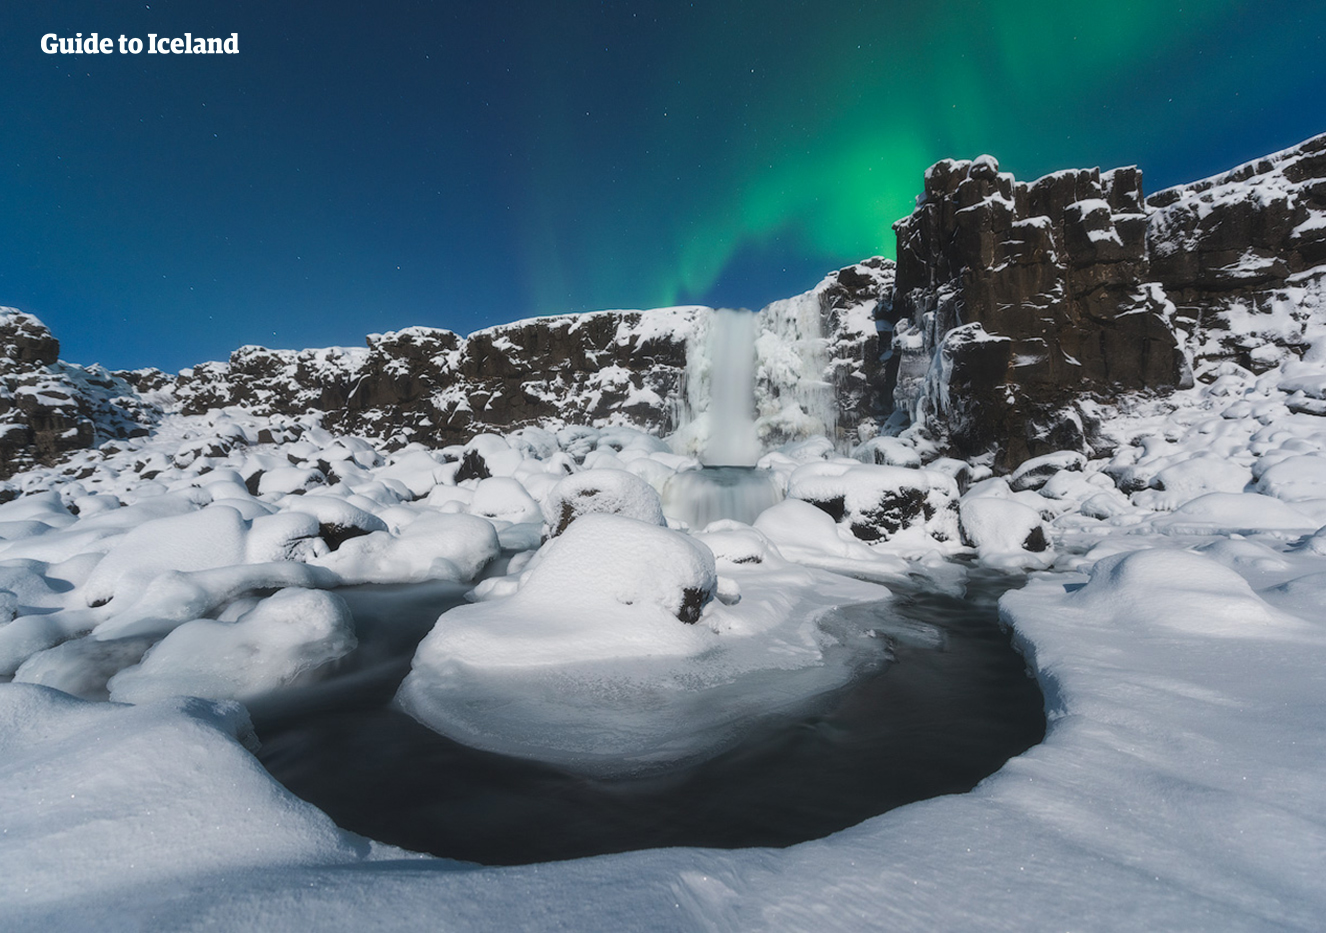 4-дневное зимнее приключение | Голубая лагуна, Золотое кольцо, катание на снегоходах и «охота» за северным сиянием